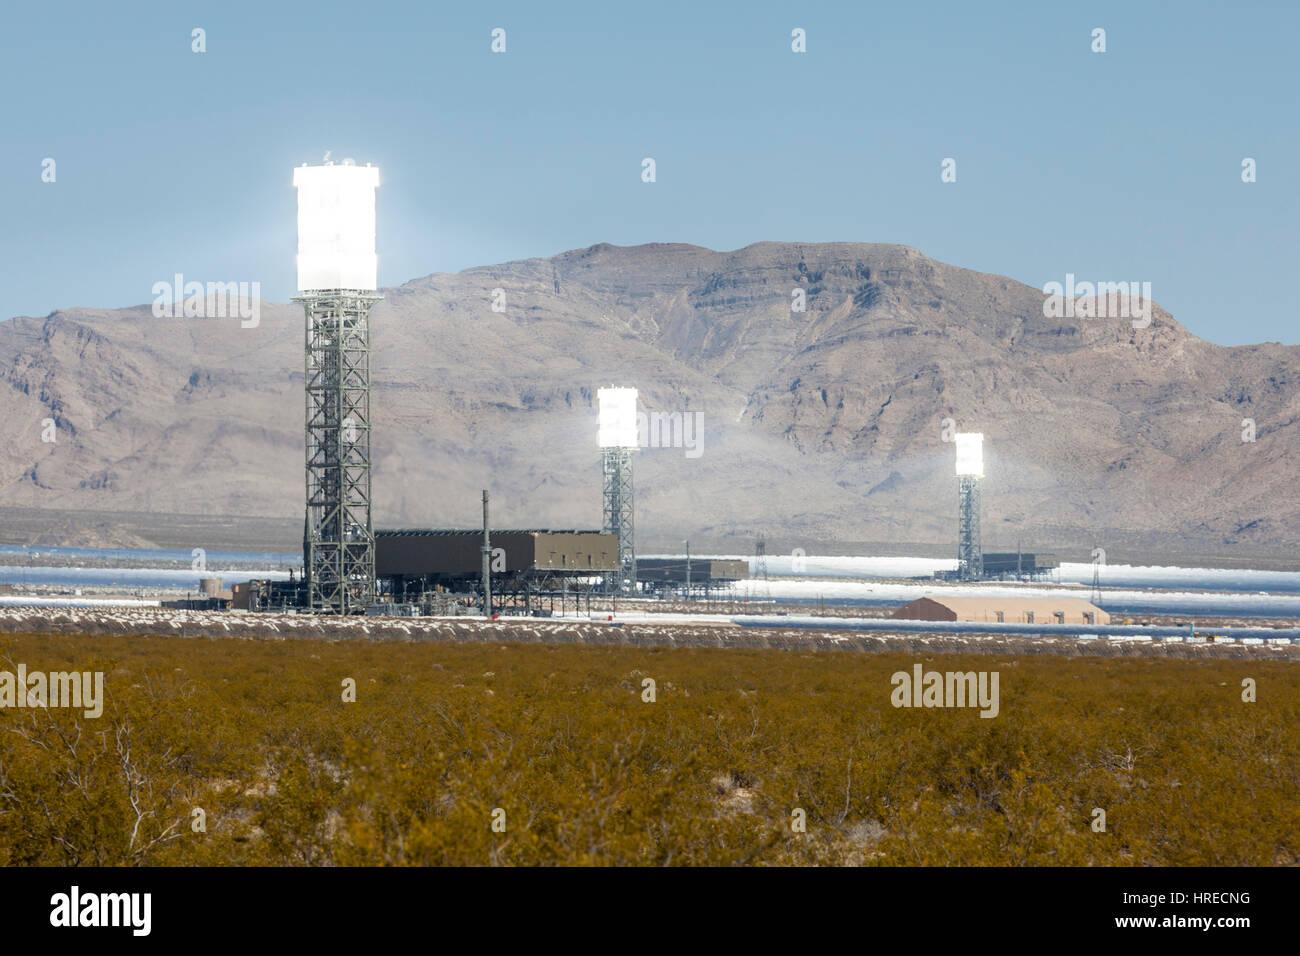 Ivanpah, California, EE.UU. - 14 de mayo de 2014: blanco caliente torres en el nuevo 392 megavatios Ivanpah operacional Imagen De Stock